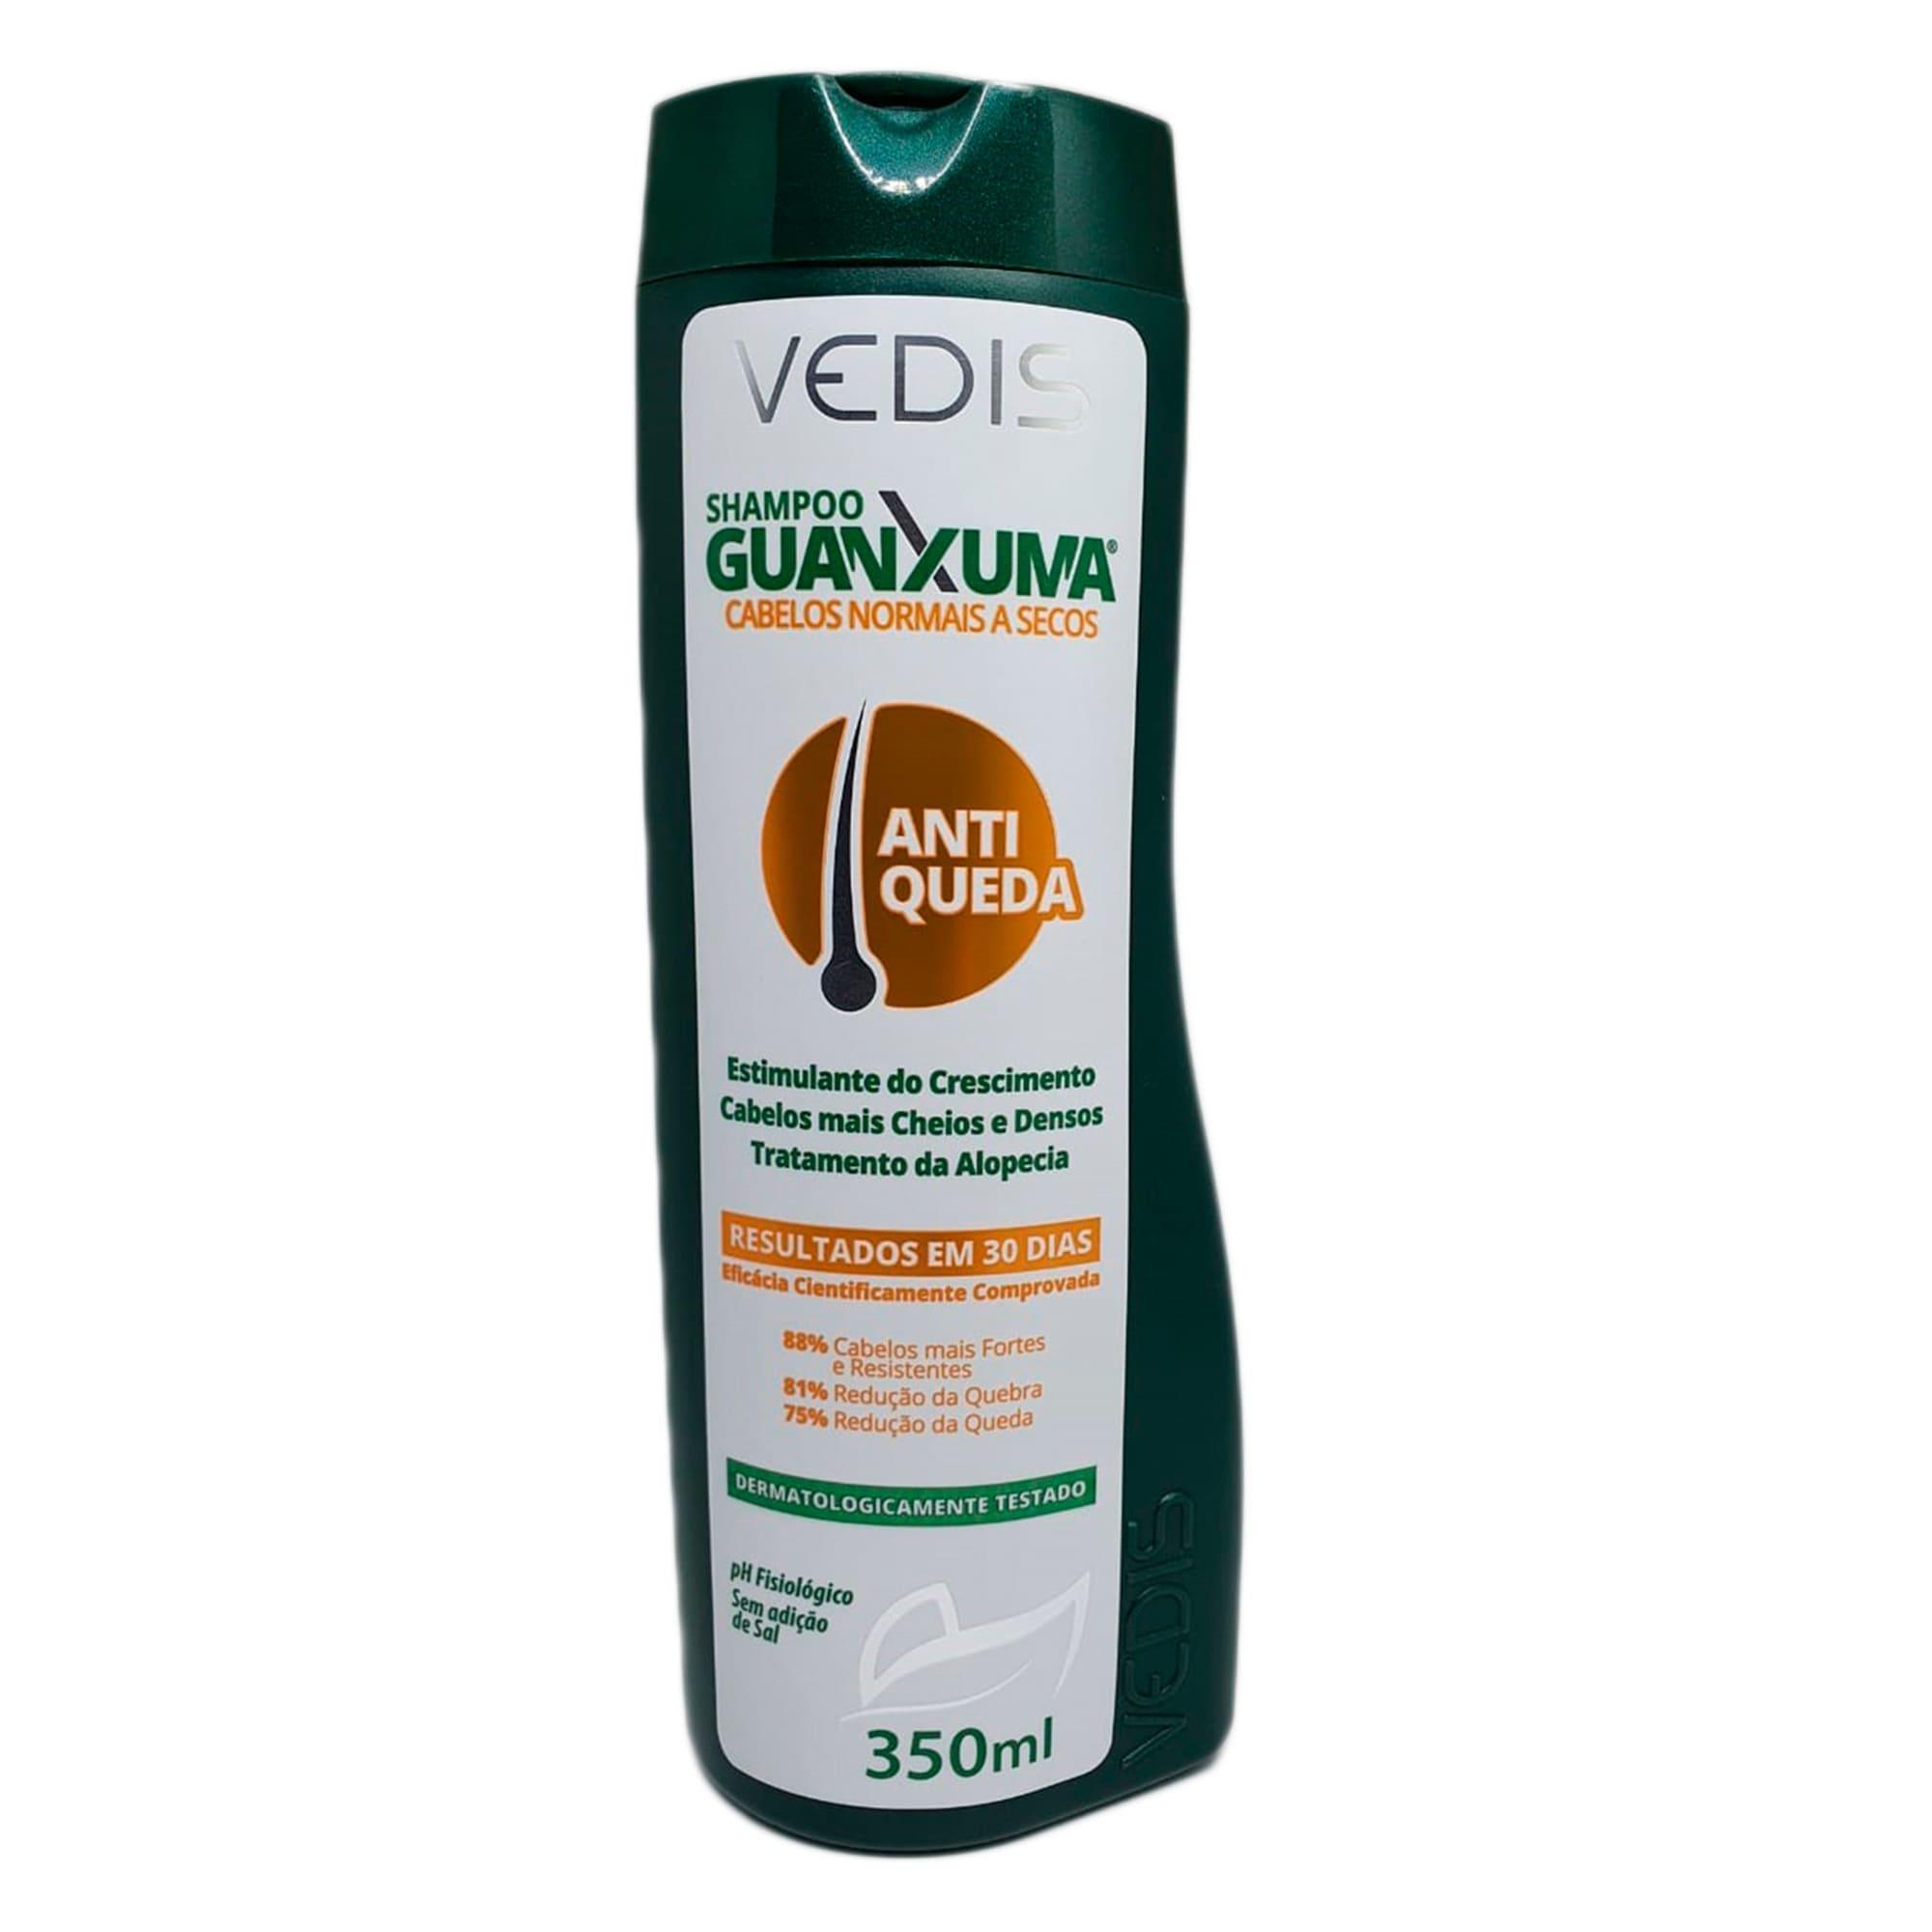 Shampoo Guanxuma (Cabelos Normais e Secos) 350ml - Vedis